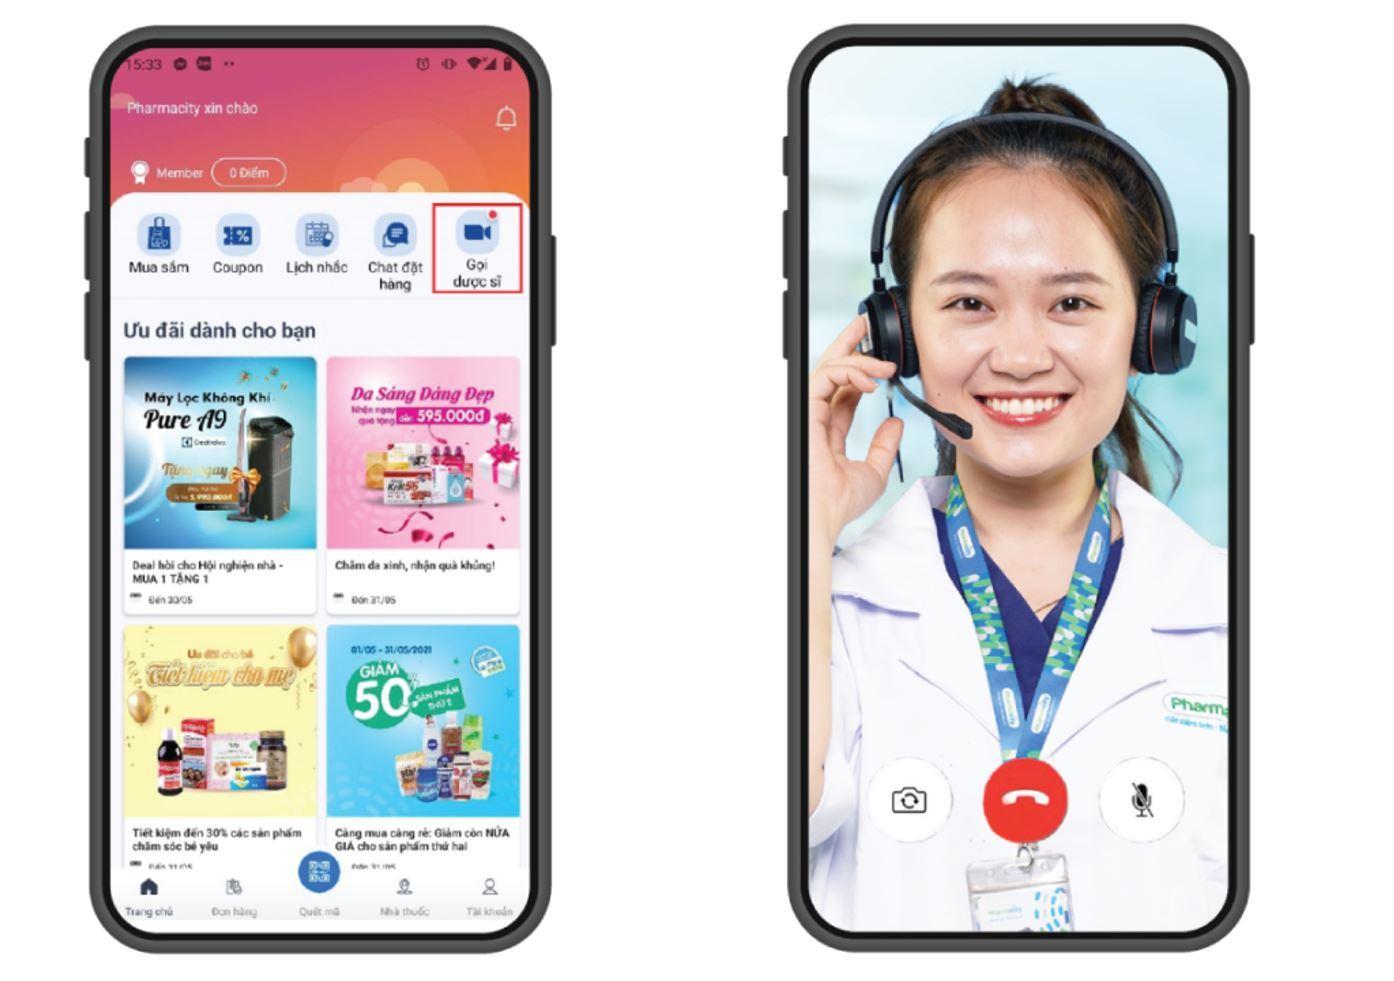 Xu thế bán hàng qua video call thời đại dịch